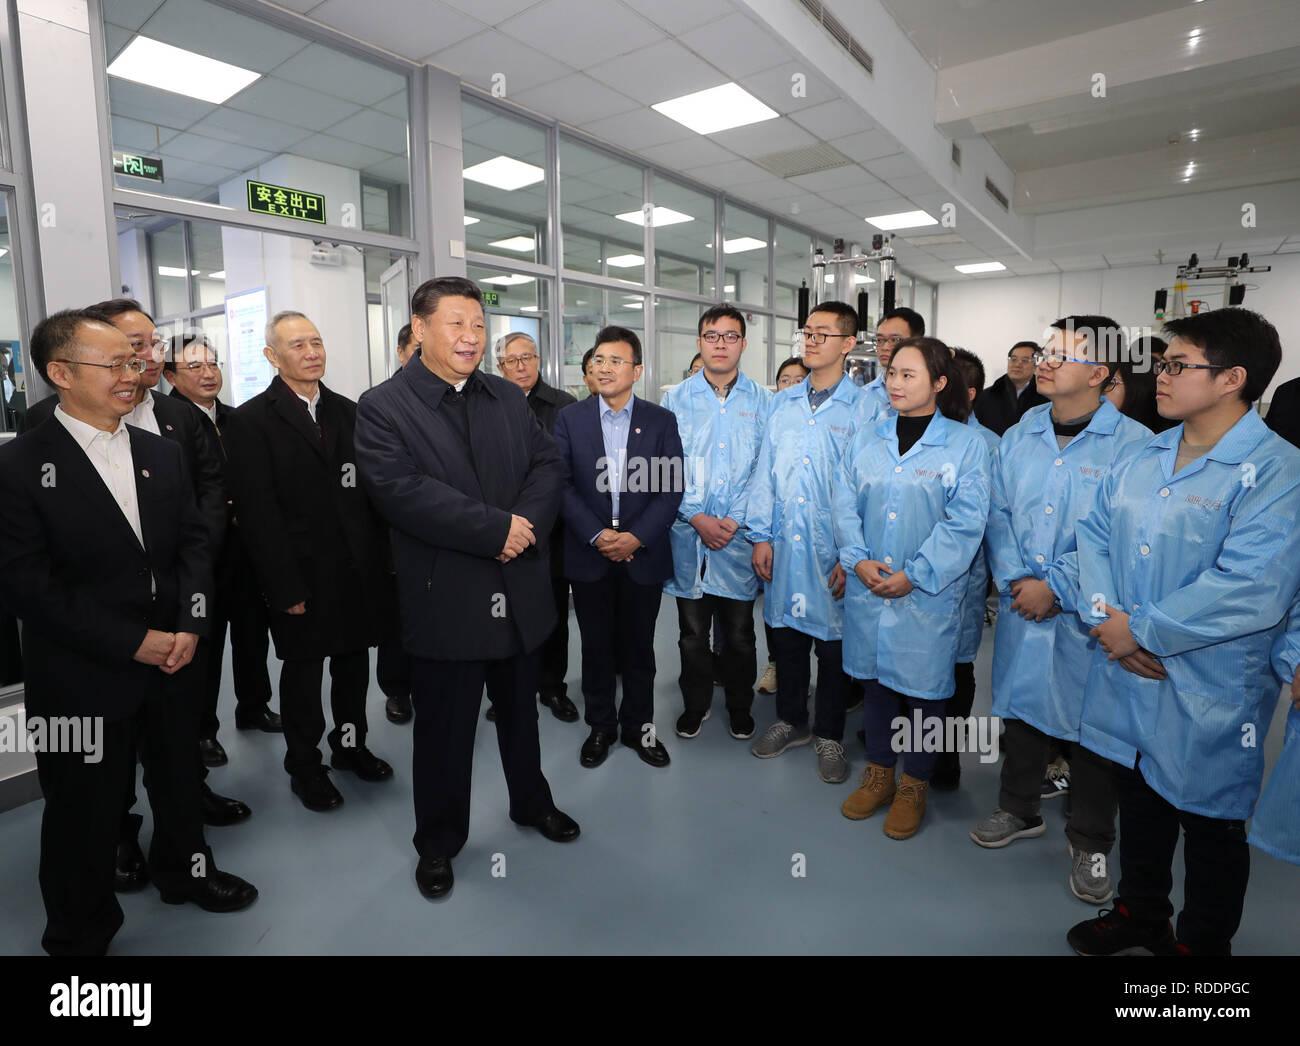 Tianjin, Cina. Xvii gen, 2019. Il presidente cinese Xi Jinping, anche segretario generale del Partito Comunista della Cina Comitato Centrale e Presidente della Commissione militare centrale, colloqui con gli insegnanti e gli studenti a chiave dello stato Laboratorio di elemento-chimica organica in Nankai University durante il suo tour di ispezione di Tianjin, Cina del nord, Gennaio 17, 2019. Credito: Ding Lin/Xinhua/Alamy Live News Immagini Stock